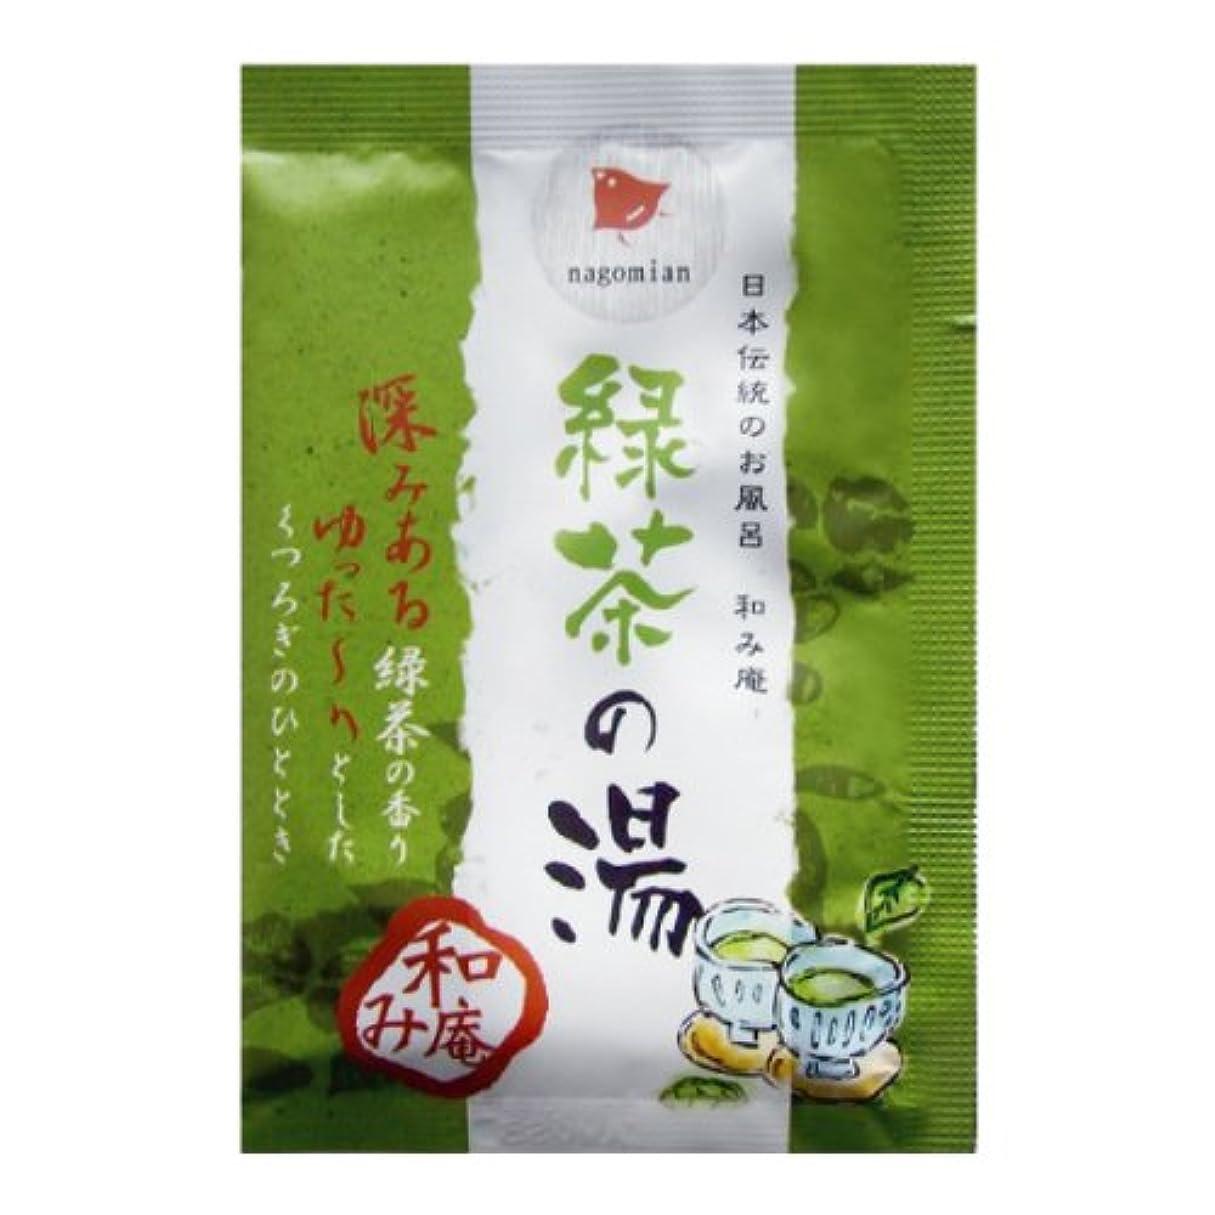 ショルダー命令はちみつ日本伝統のお風呂 和み庵 緑茶の湯 200包